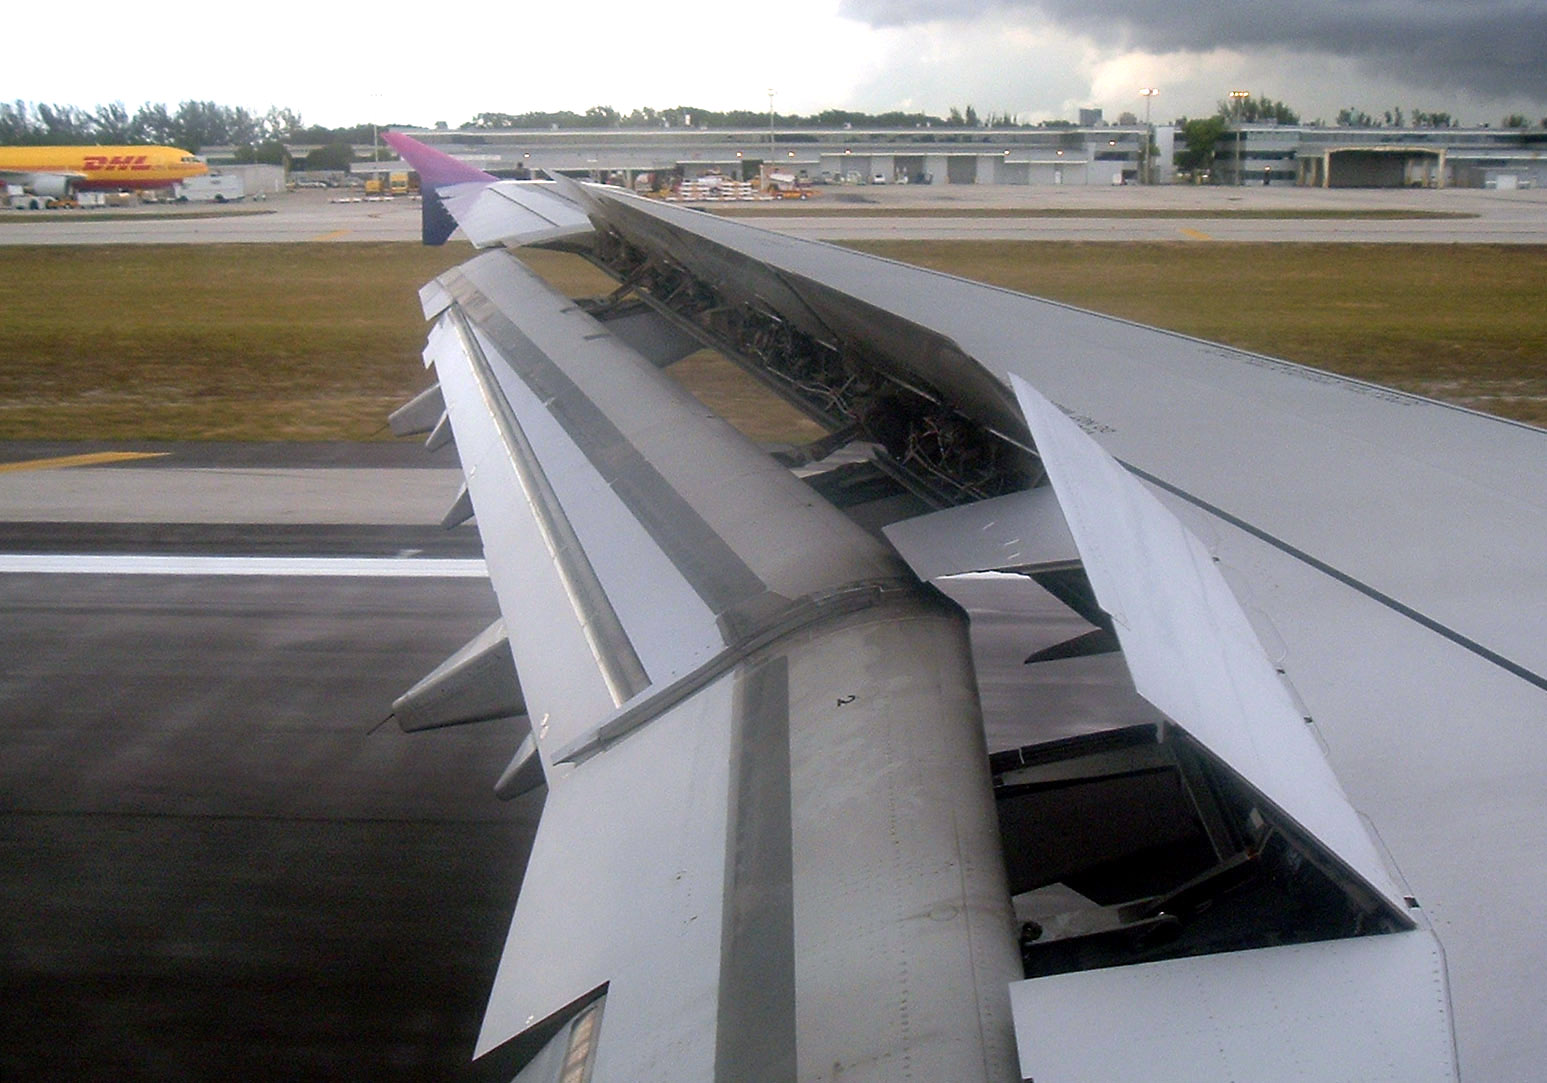 Waar zijn die flappen op de vleugels voor? Daarmee kunnen ze de hoogte bepalen en bij het dalen/landen mee afremmen.